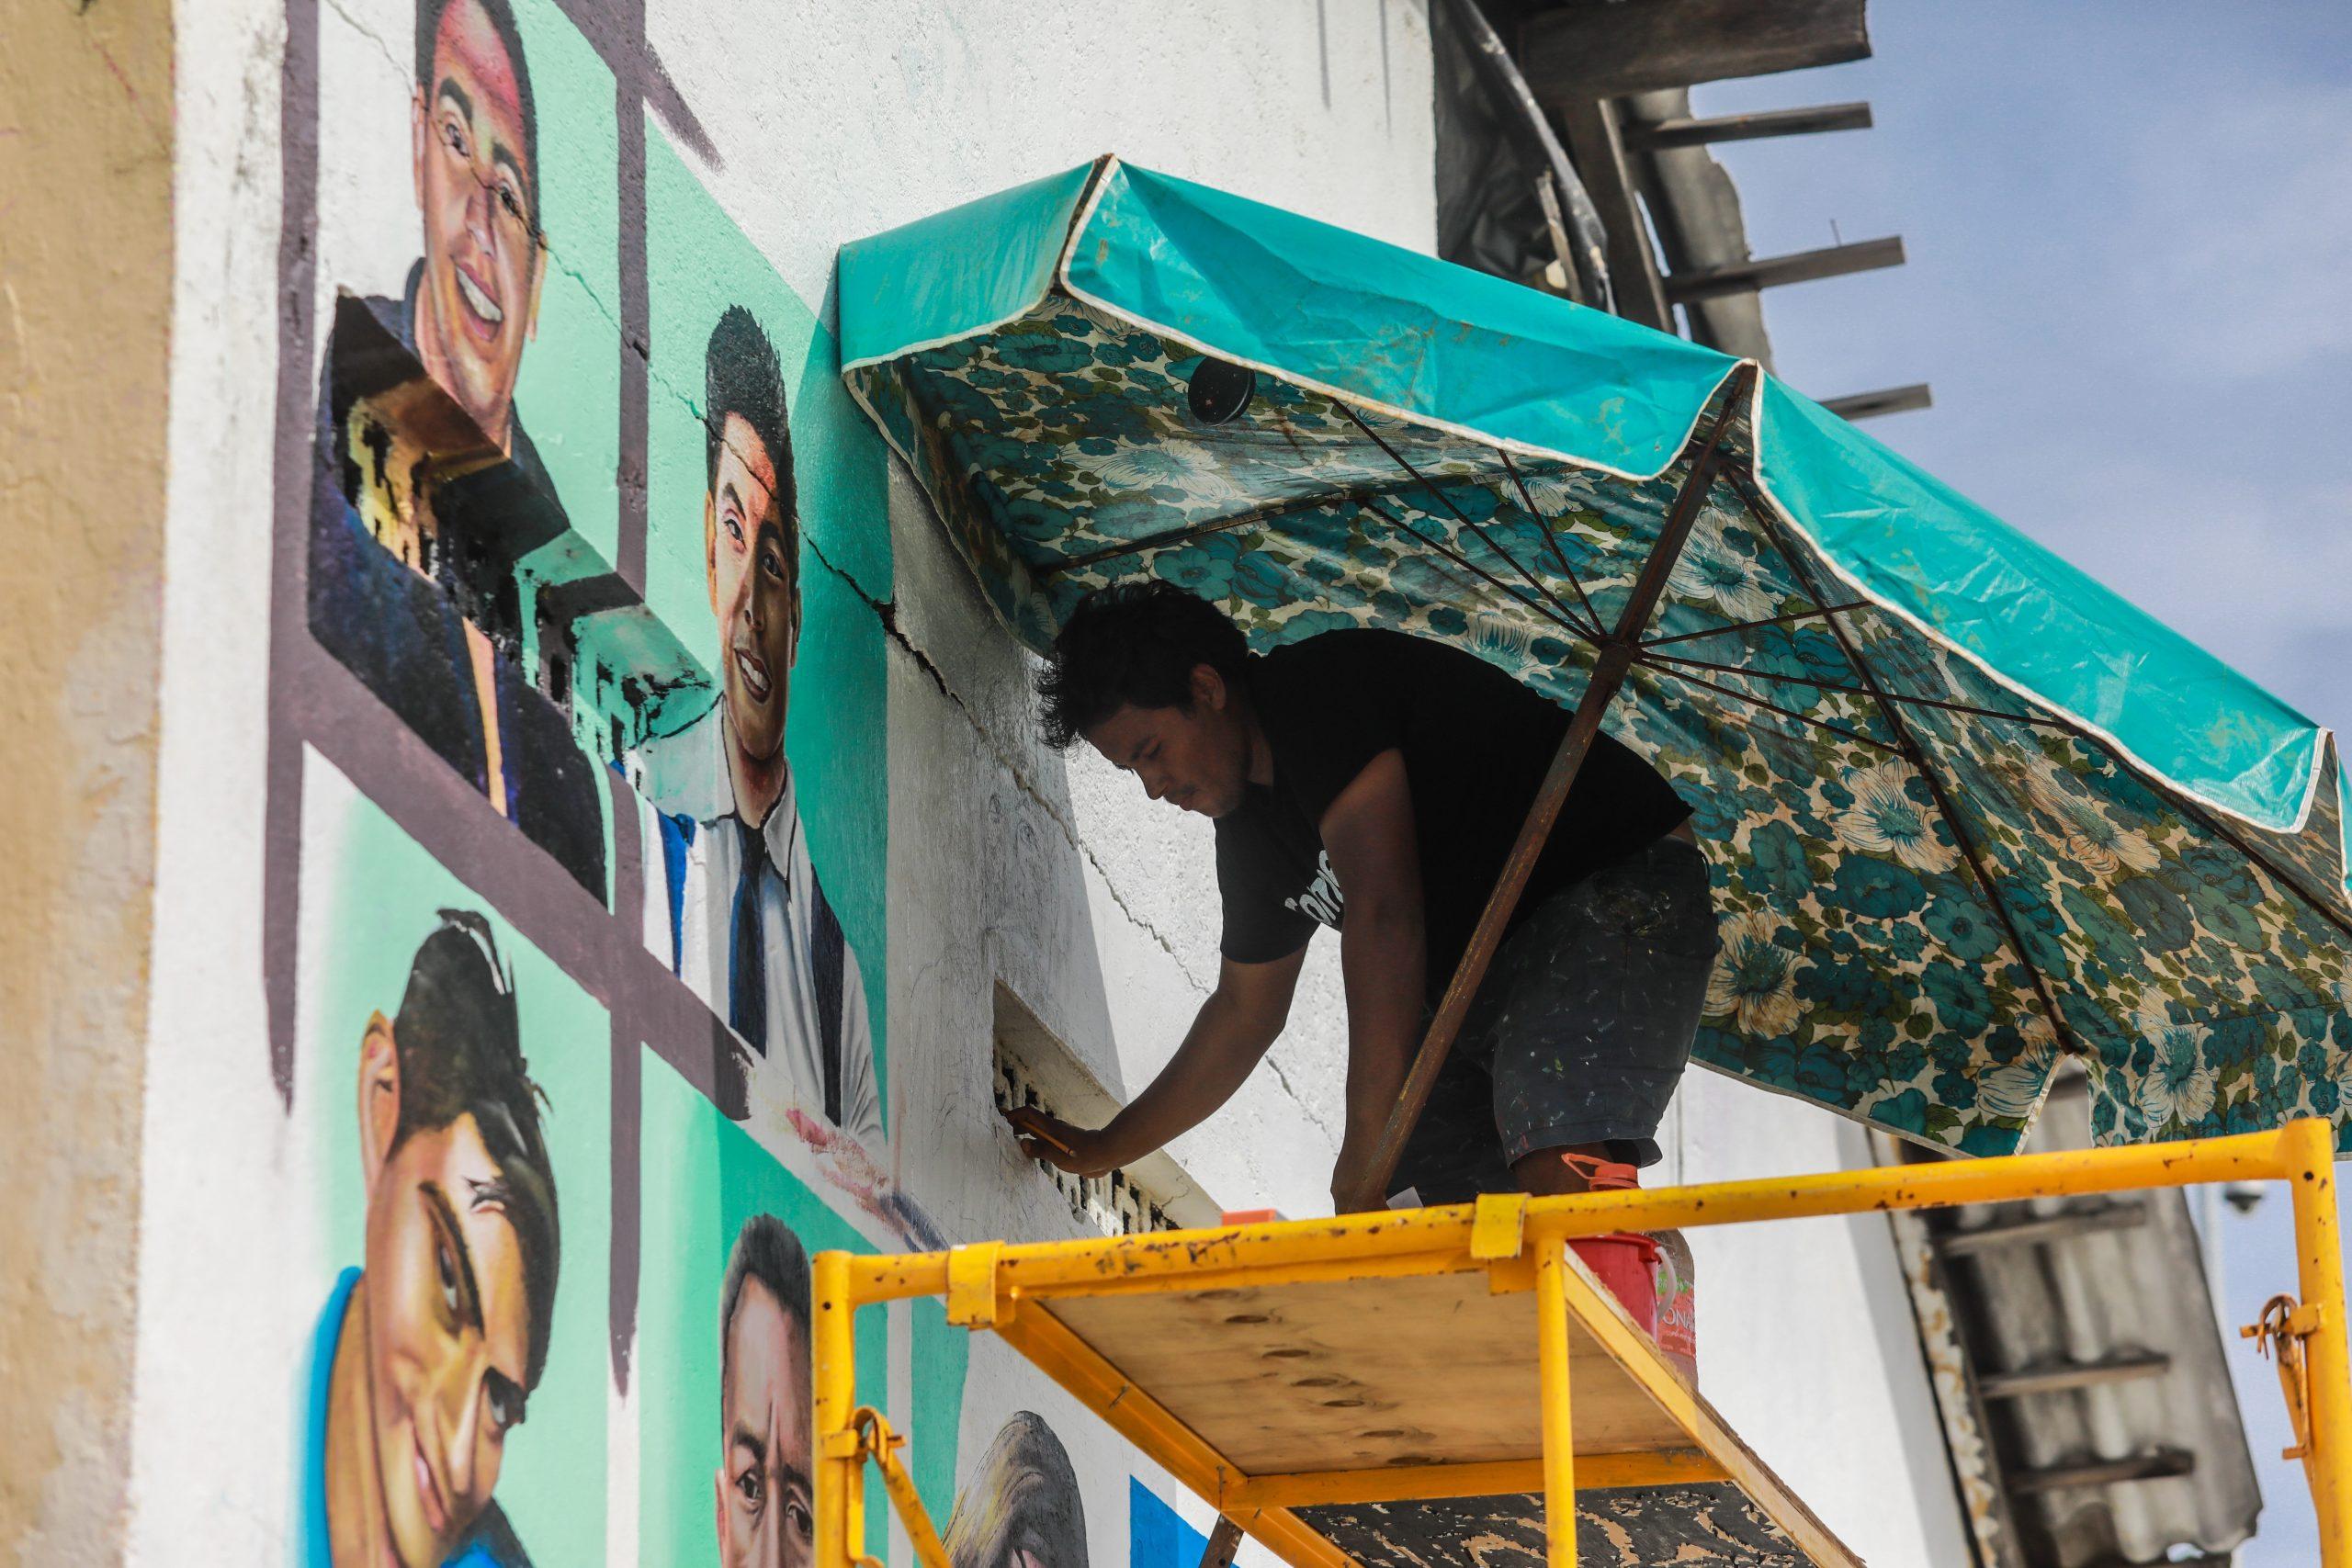 El artista Alexis Godínez Rodríguez pinta rostros de personas desaparecidas sobre un mural en Acapulco. Foto de EFE/ David Guzmán.